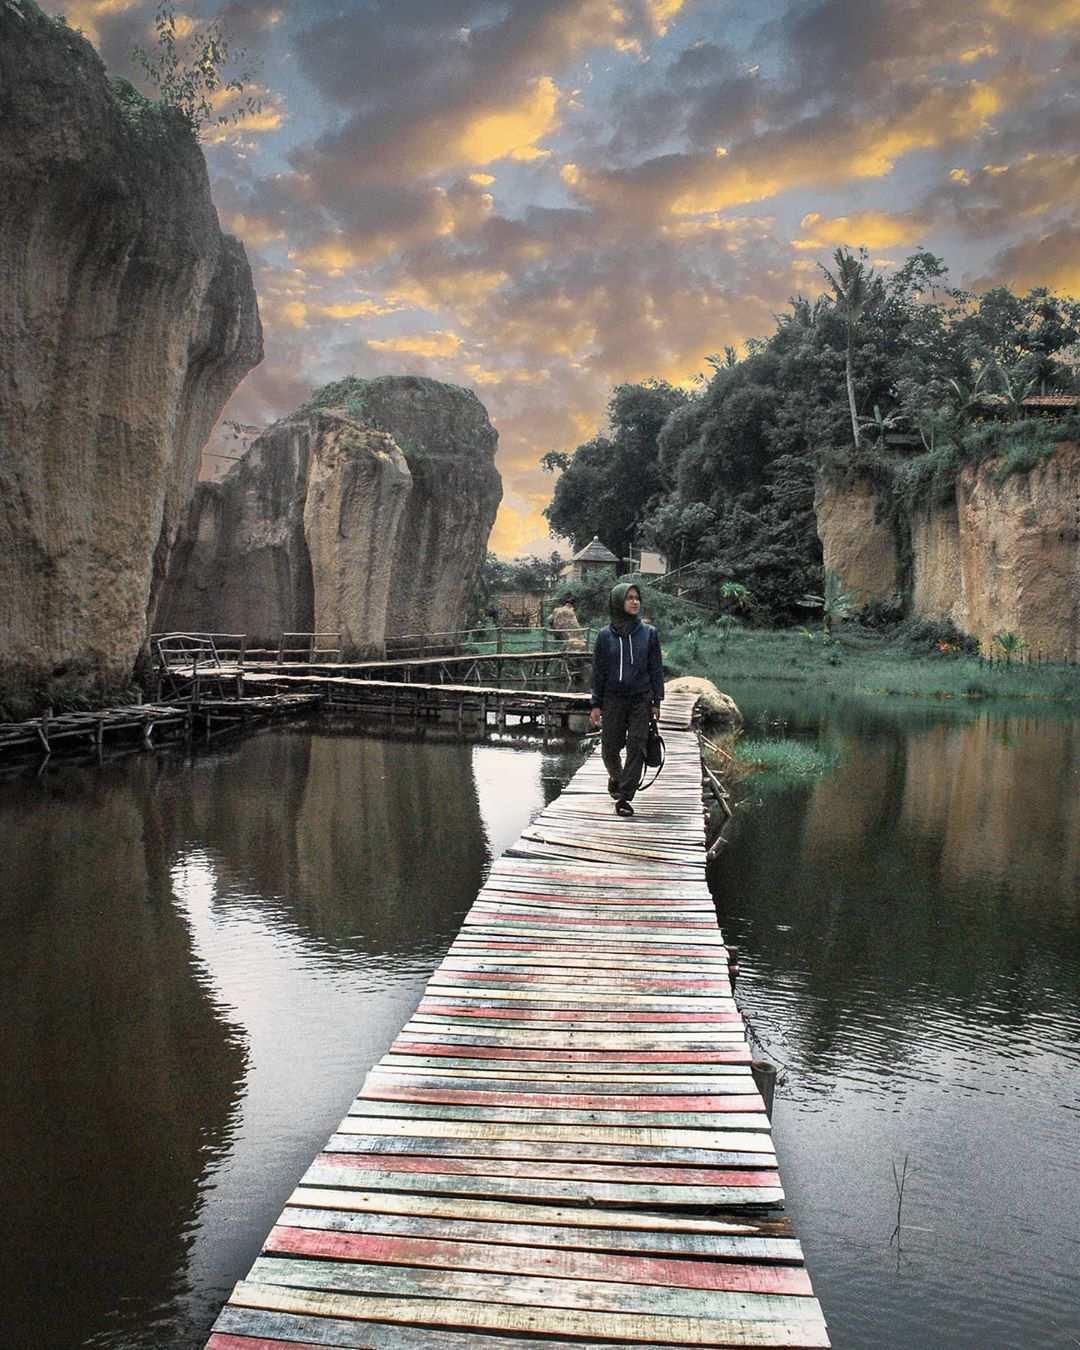 Berfoto di Jembatan Yang Ada di Tebing Koja Tanggerang, Image From @gri_abd17